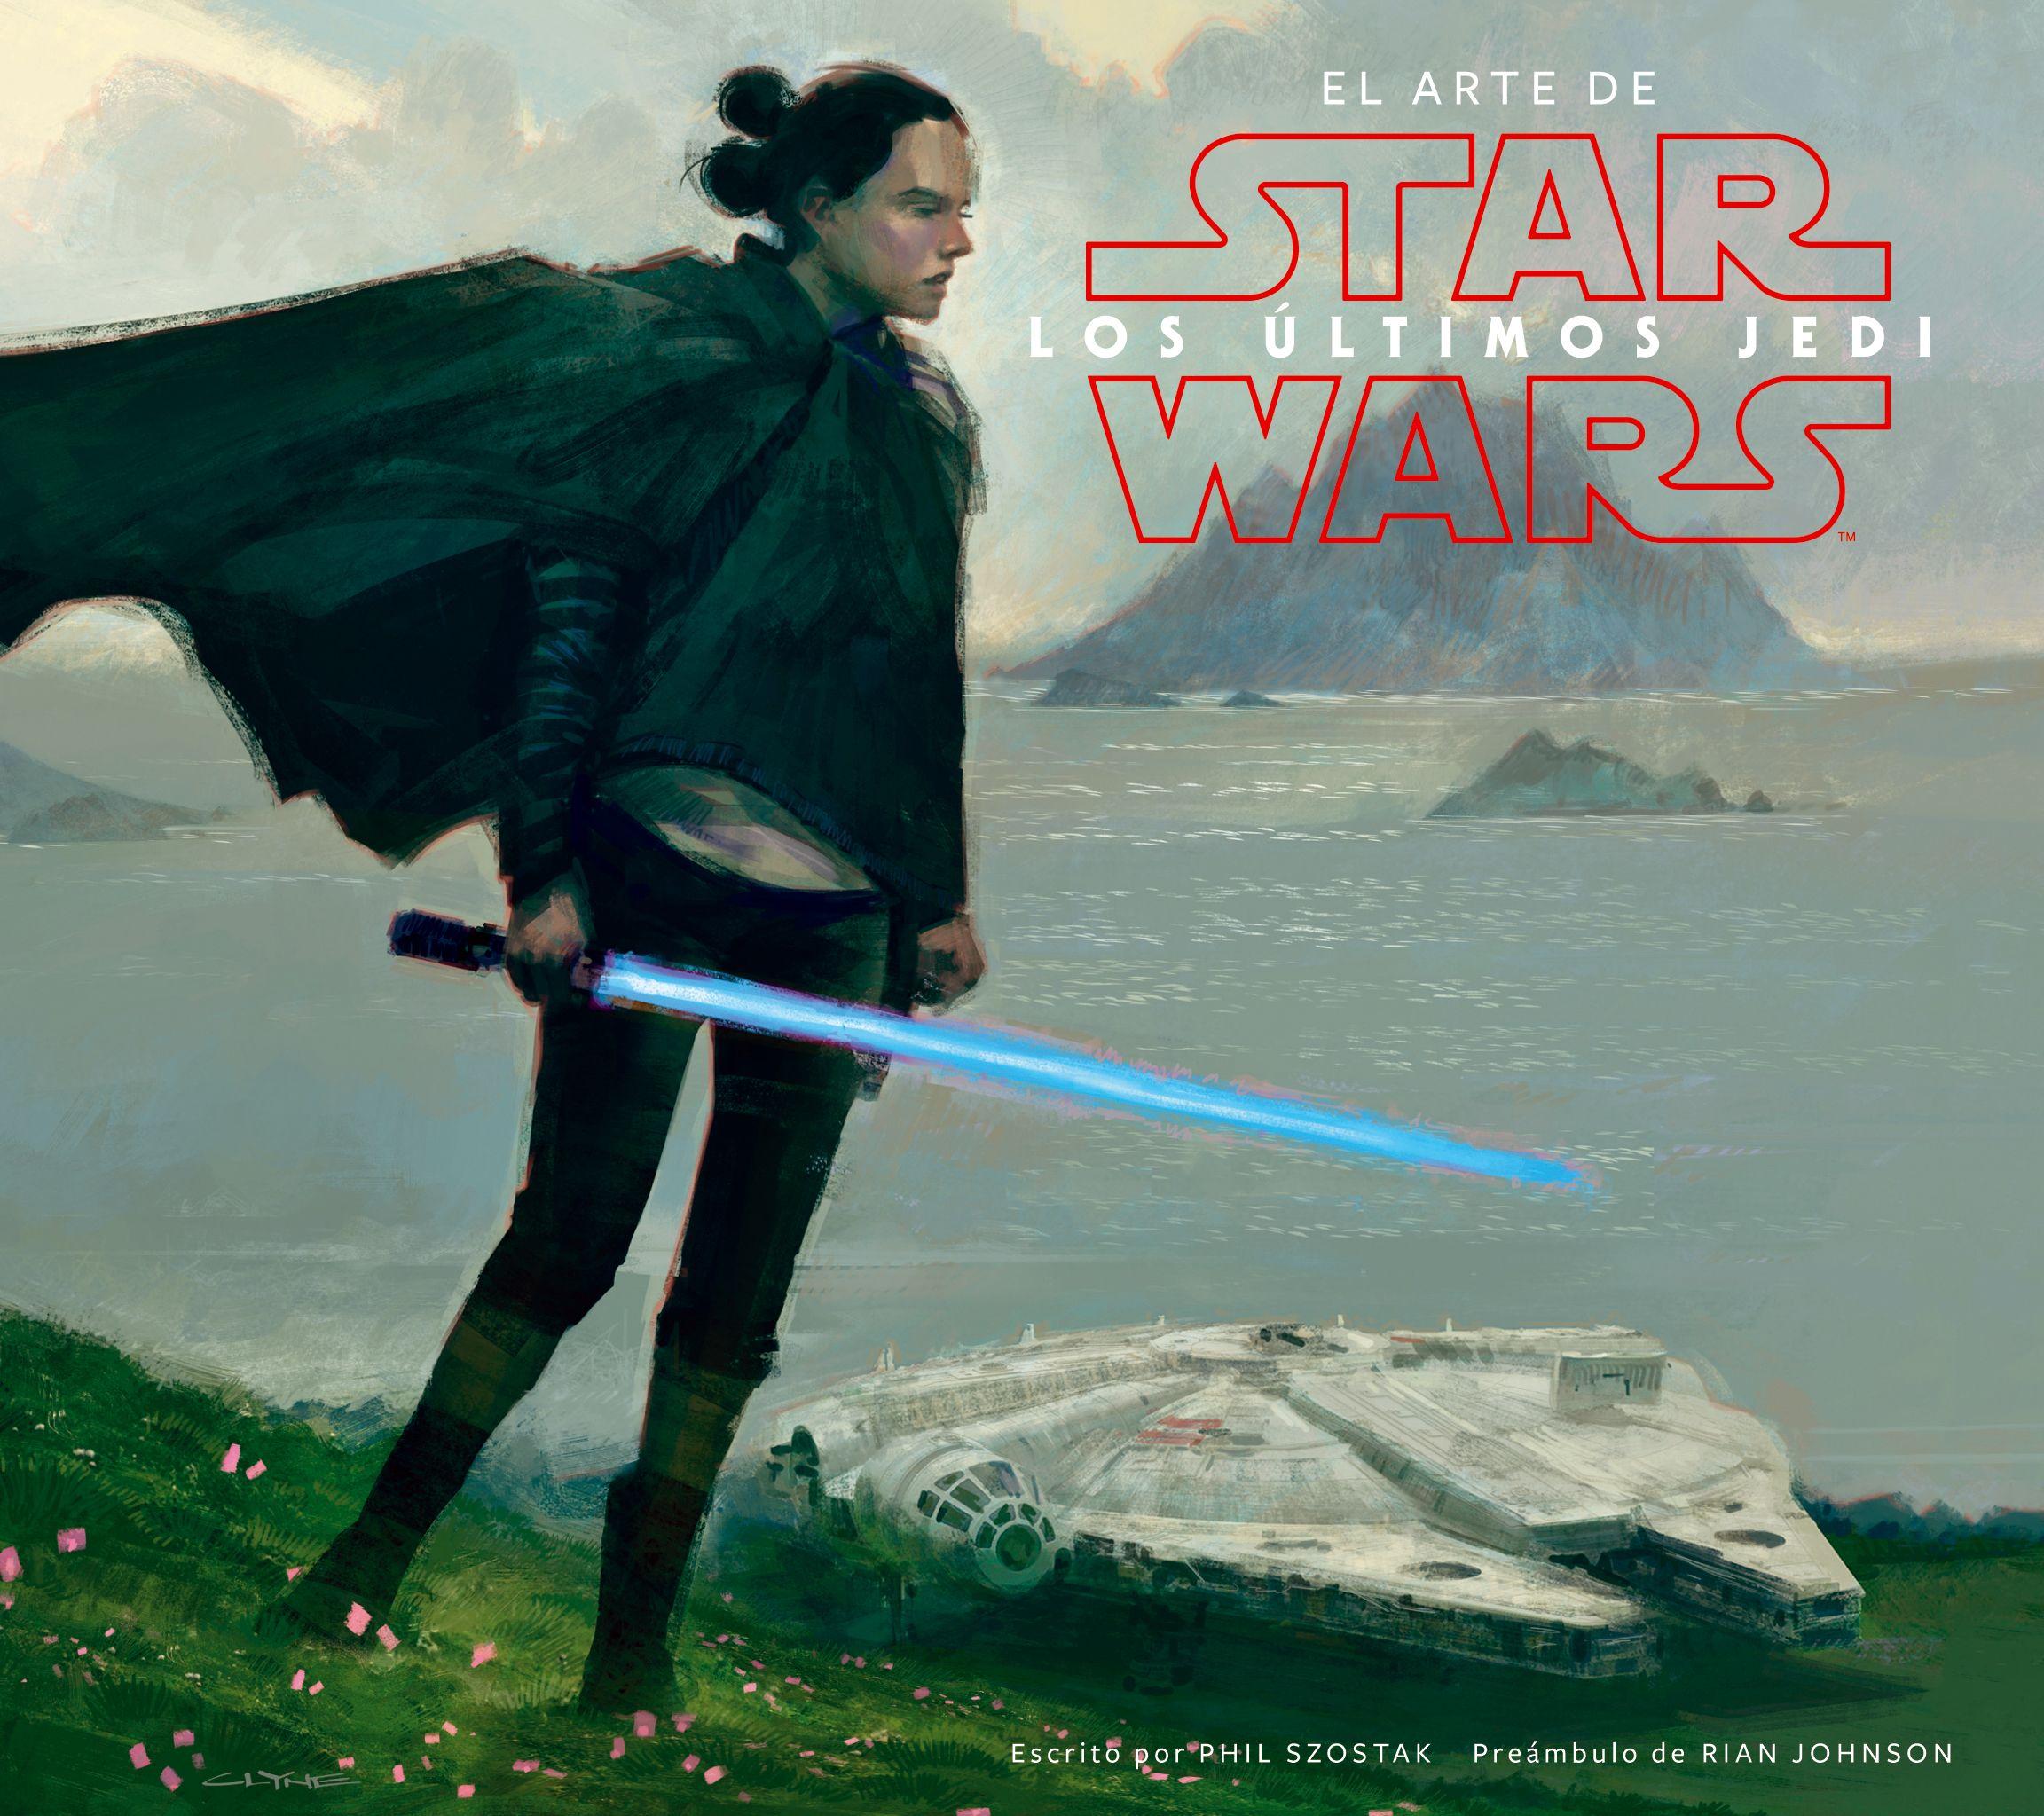 El Arte de Star Wars: Los Últimos Jedi